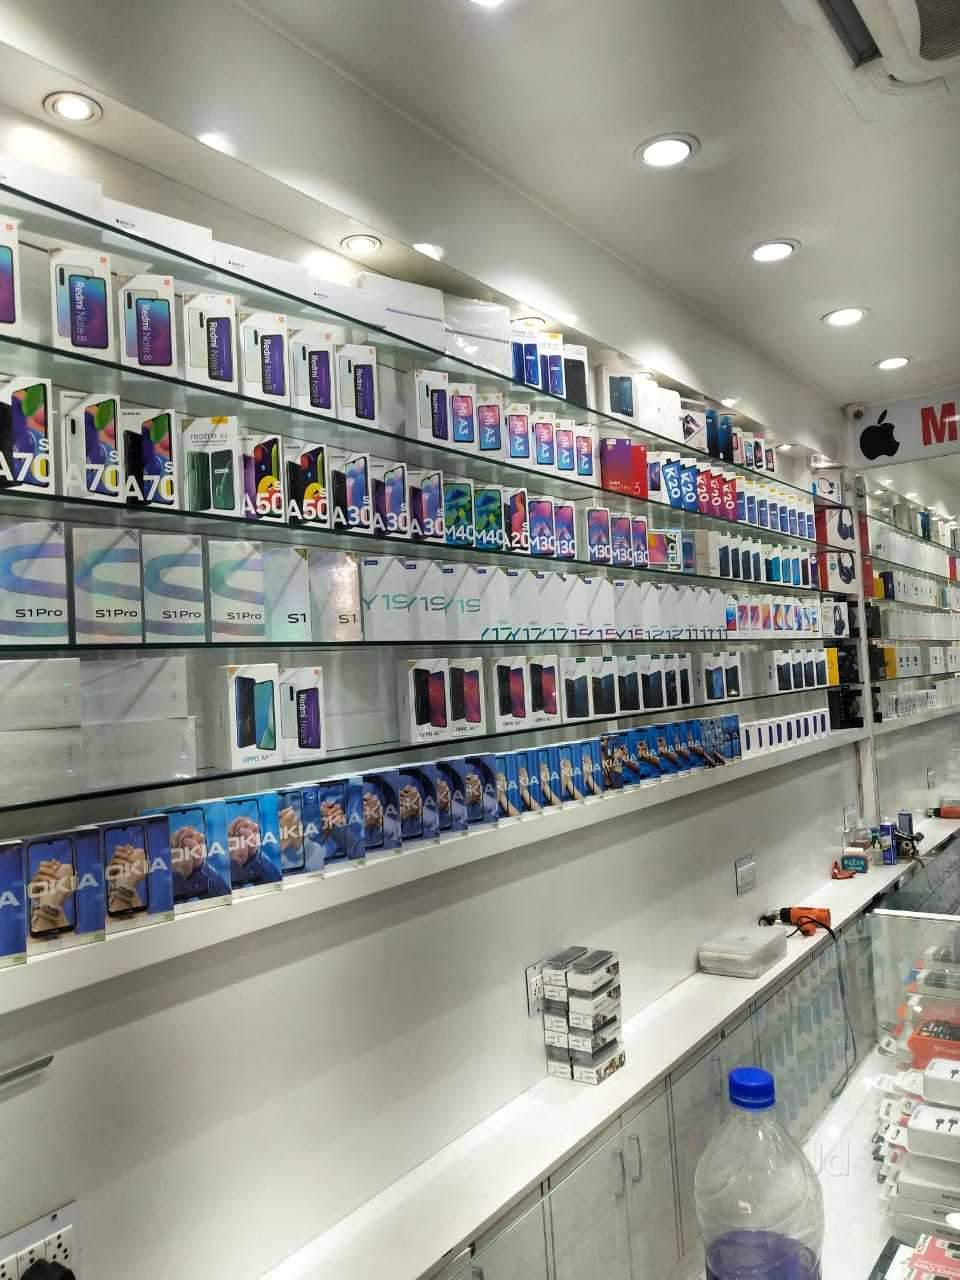 Balaji Mobile Repairing Accessories Noida Sector 18 Mobile Phone Repair Services Samsung In Noida Delhi Justdial